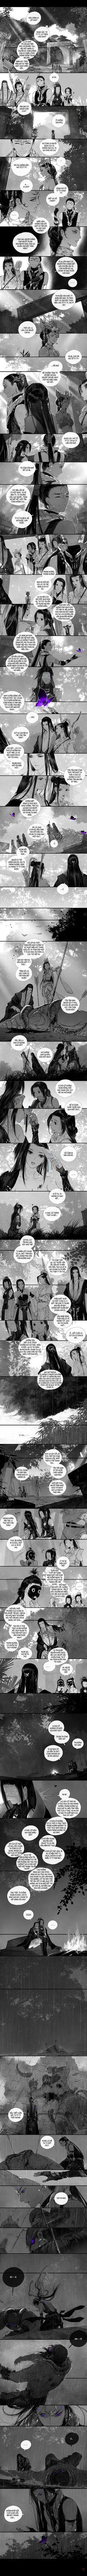 Điệp Lan (3): Y Xuy. Trans by Nguyệt Lệ Các